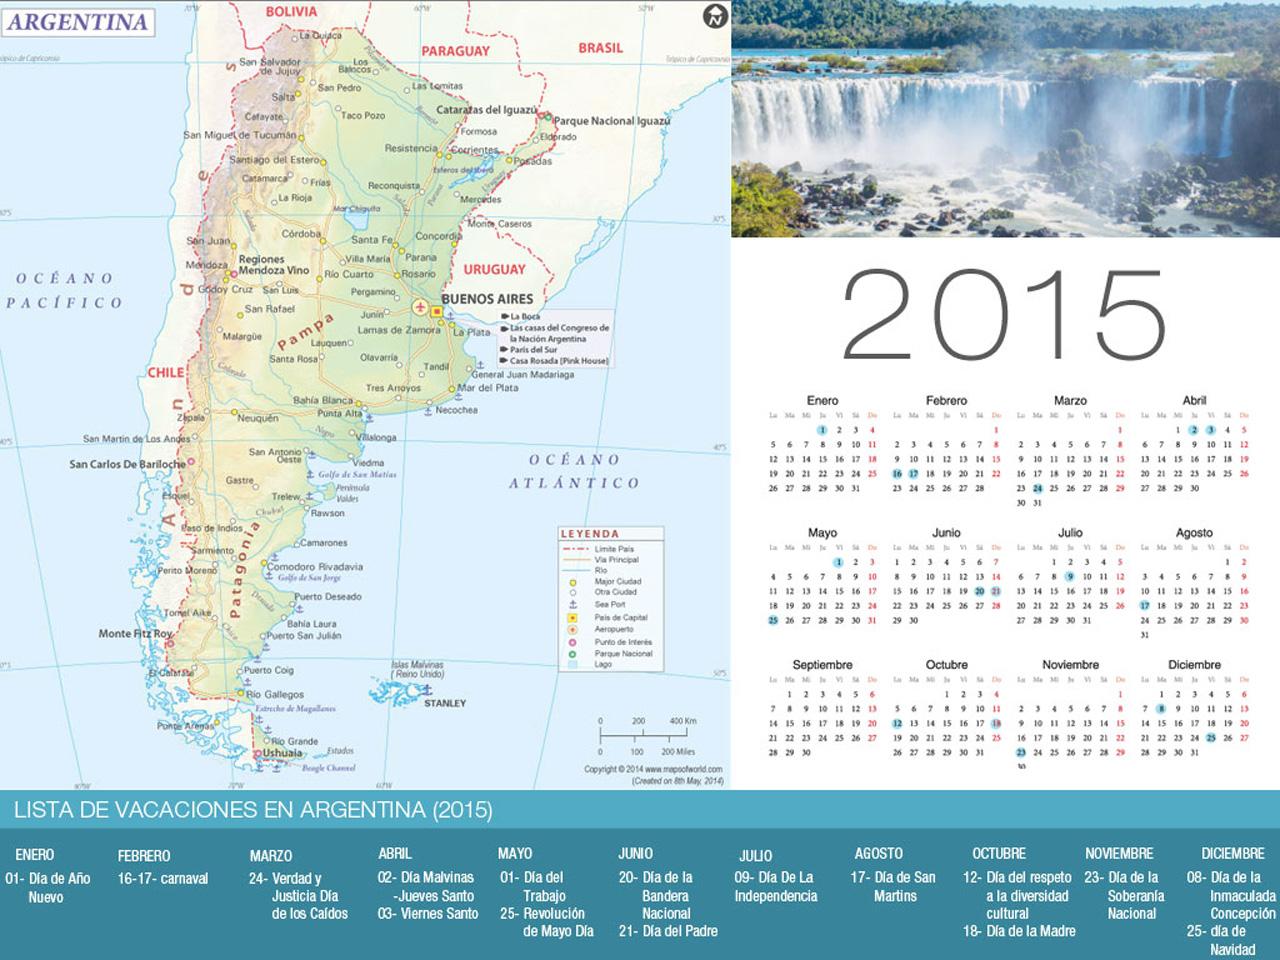 calendario de vacaciones argentina 2015